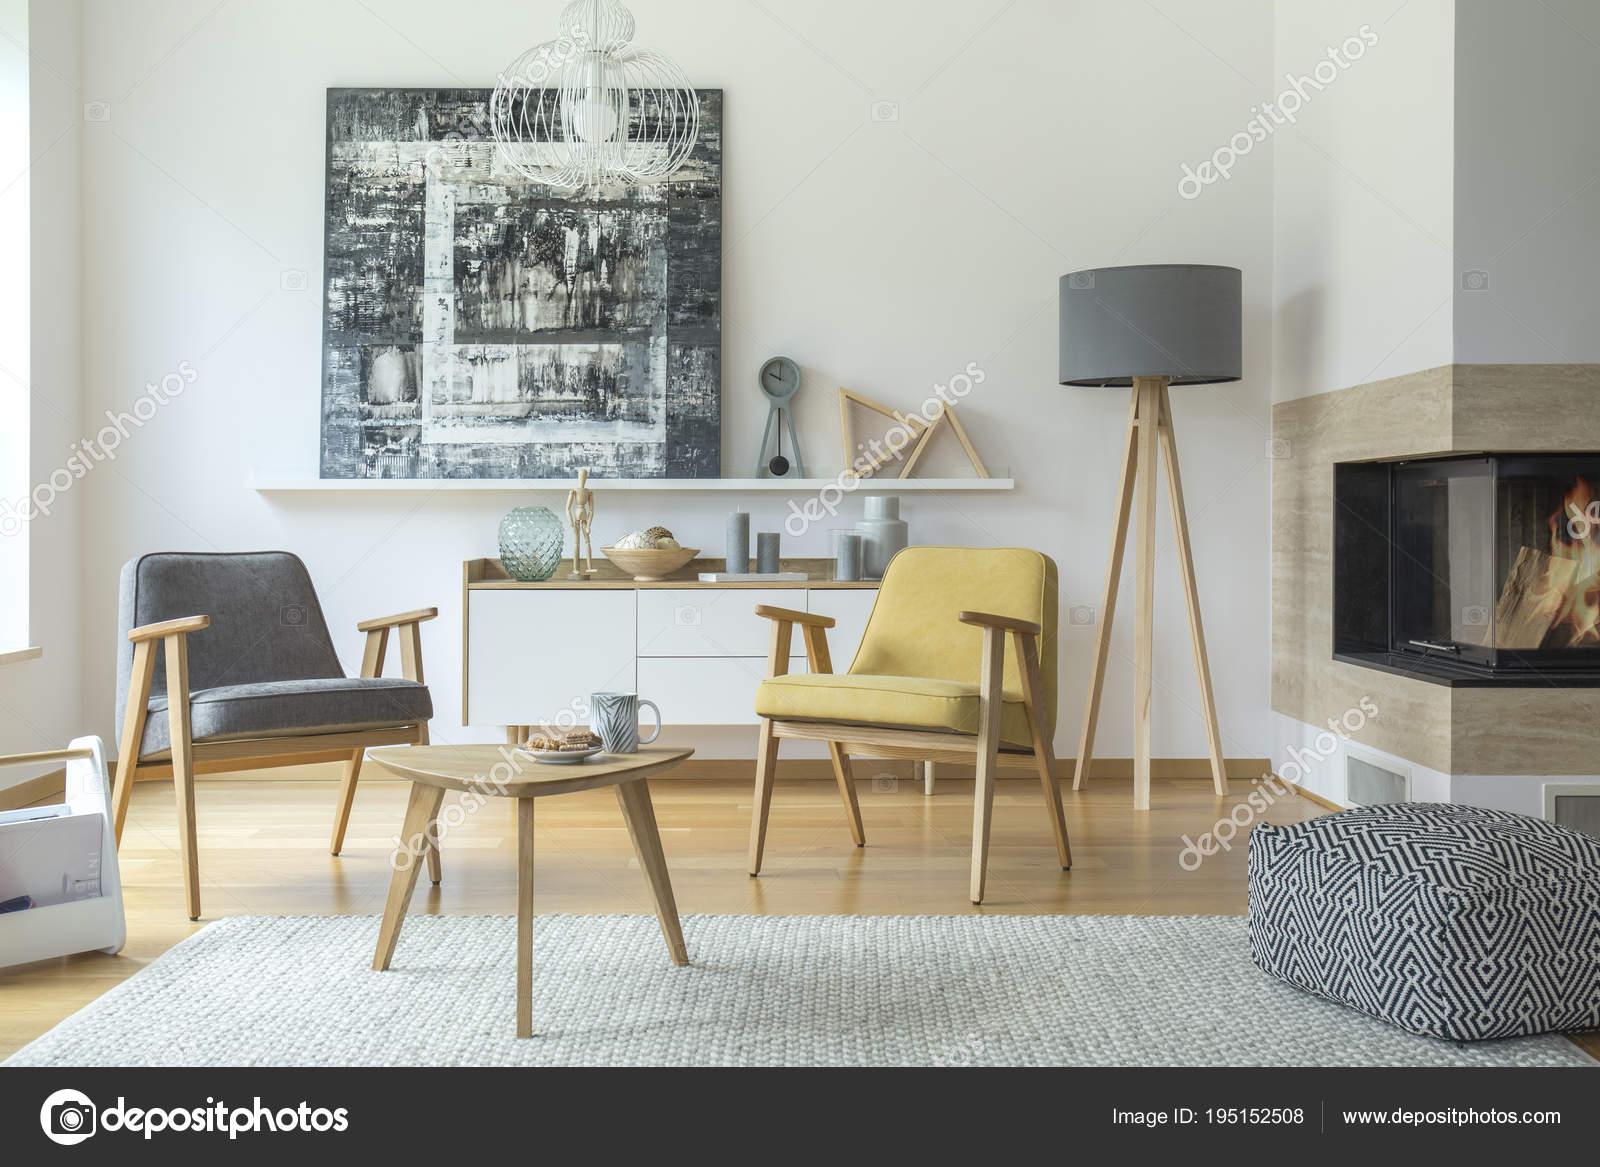 Grau Und Gelb Aus Holz Sessel Im Wohnzimmer Interieur Mit Gemusterten  Hocker In Der Nähe Von Kamin Und Lampe U2014 Foto Von Photographee.eu